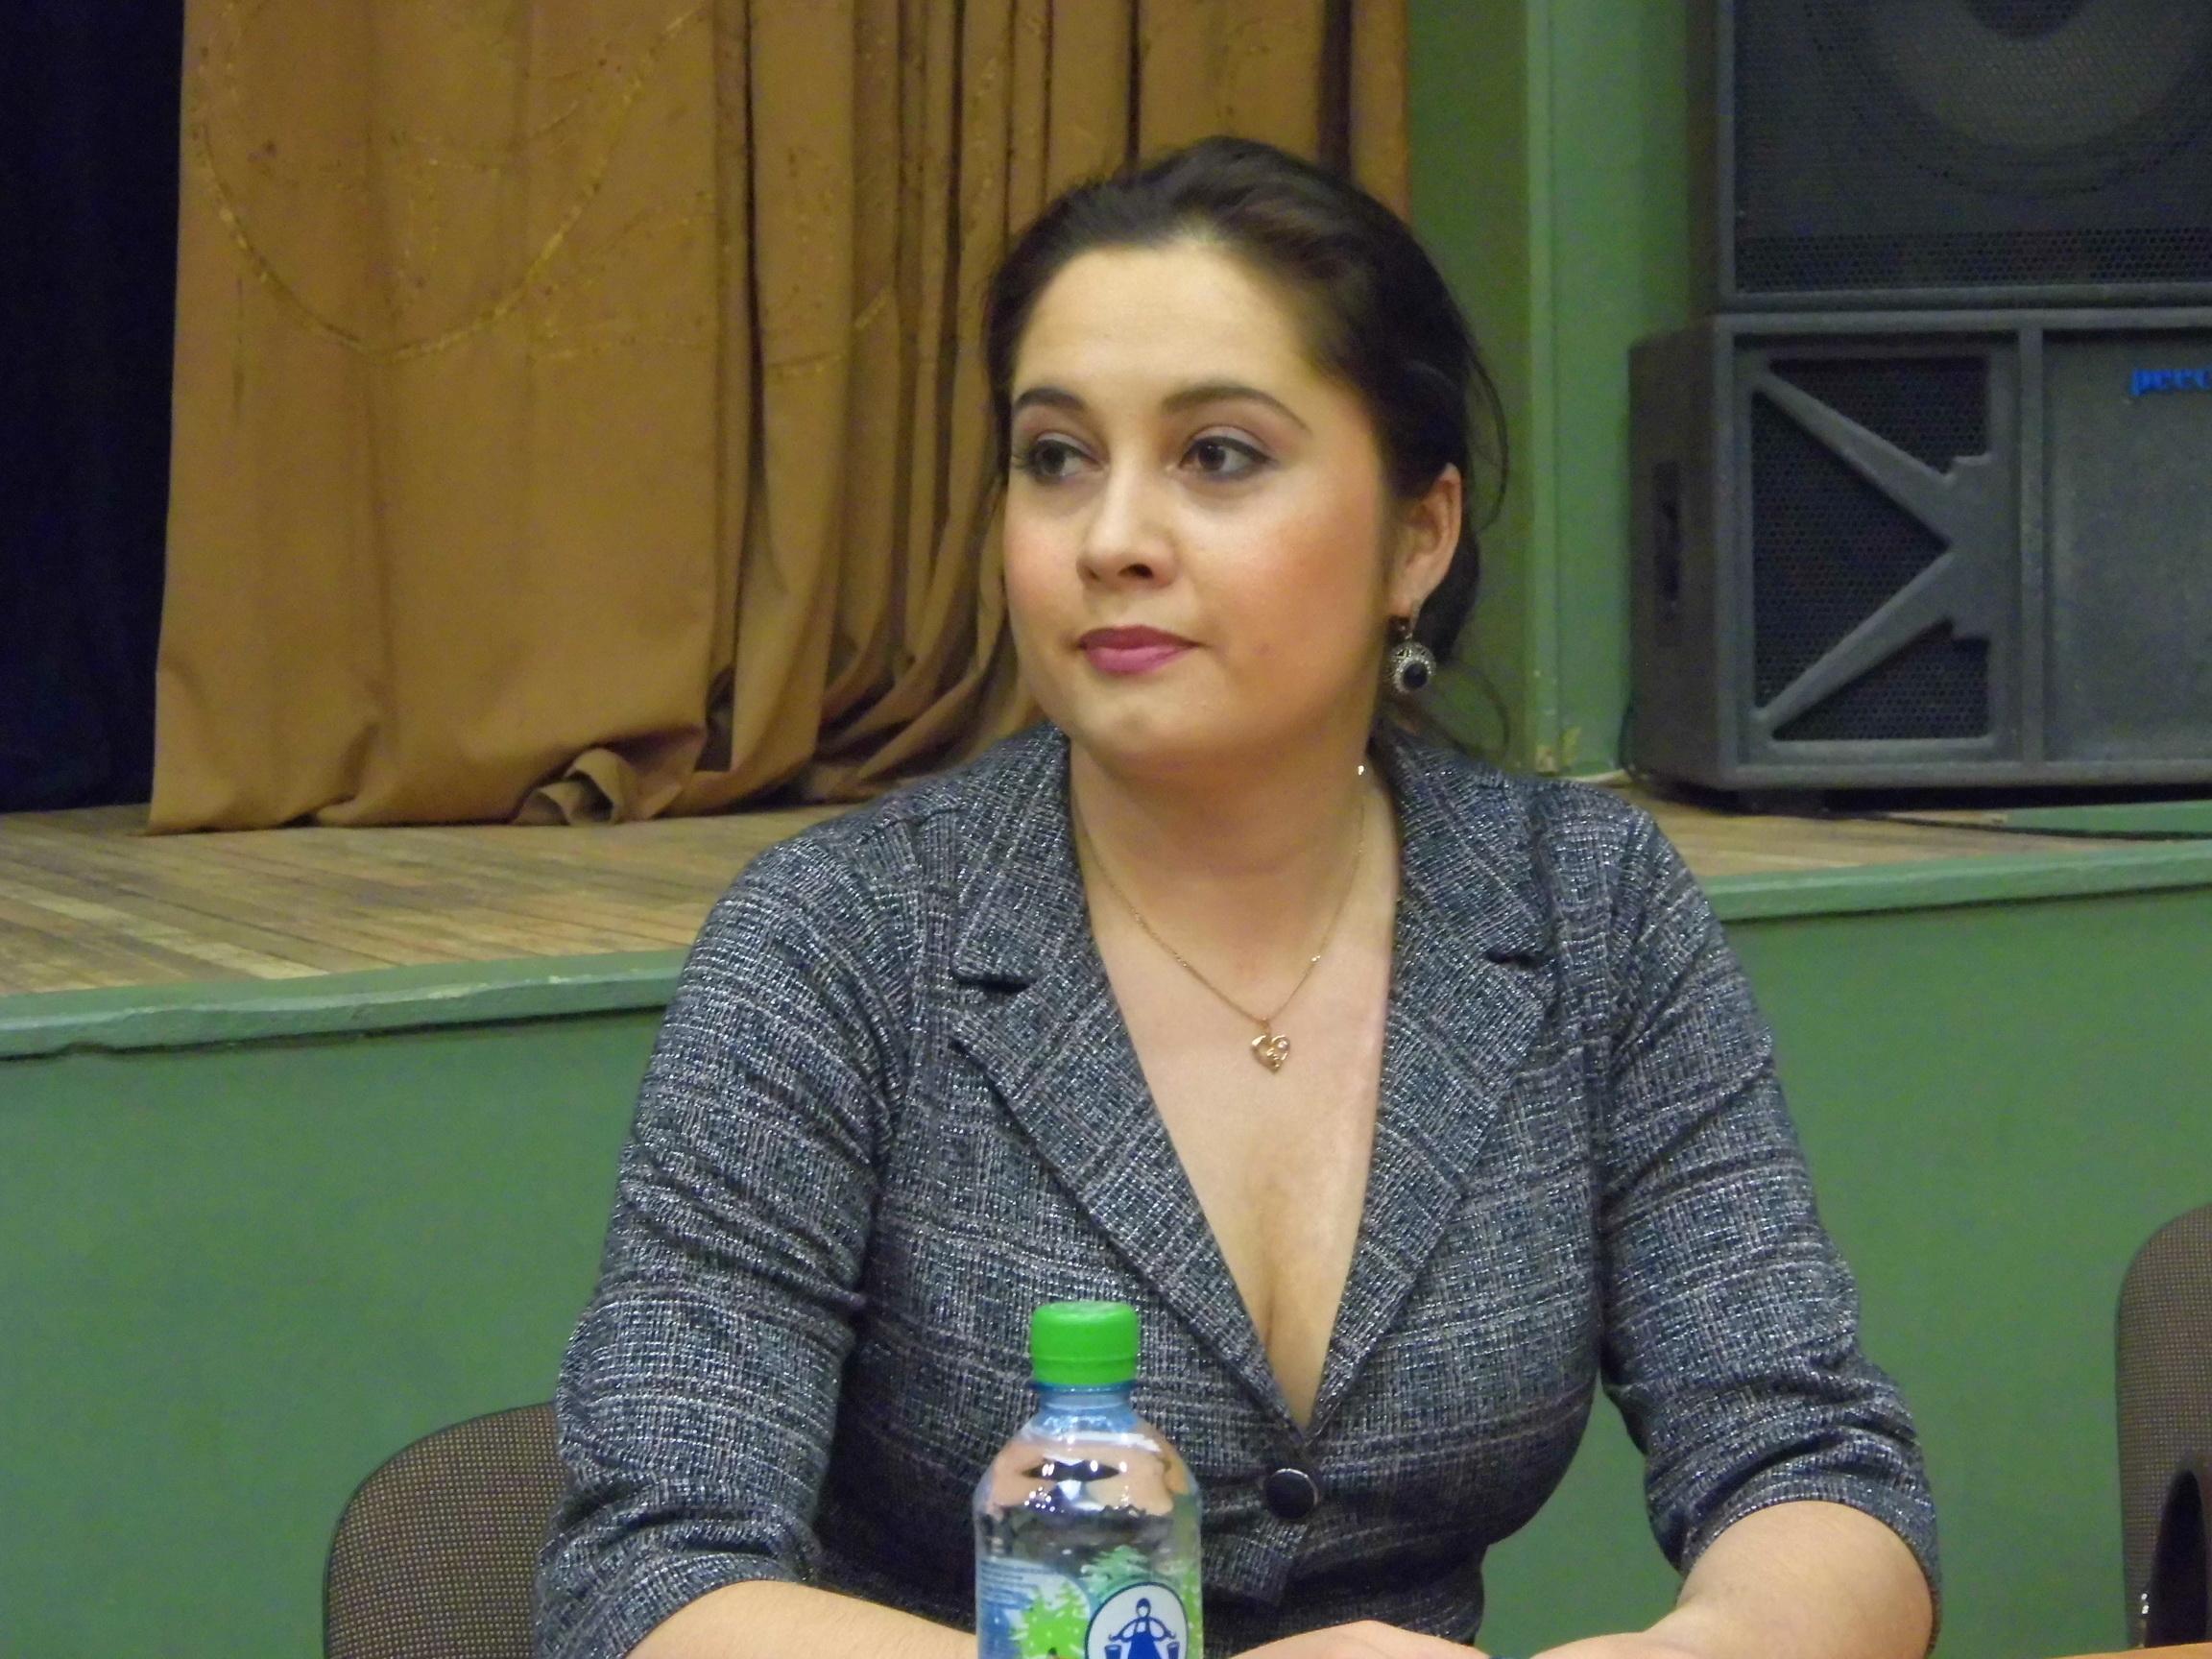 Эльза Исламова будет воплощать в опере предсмертные образы Такташа